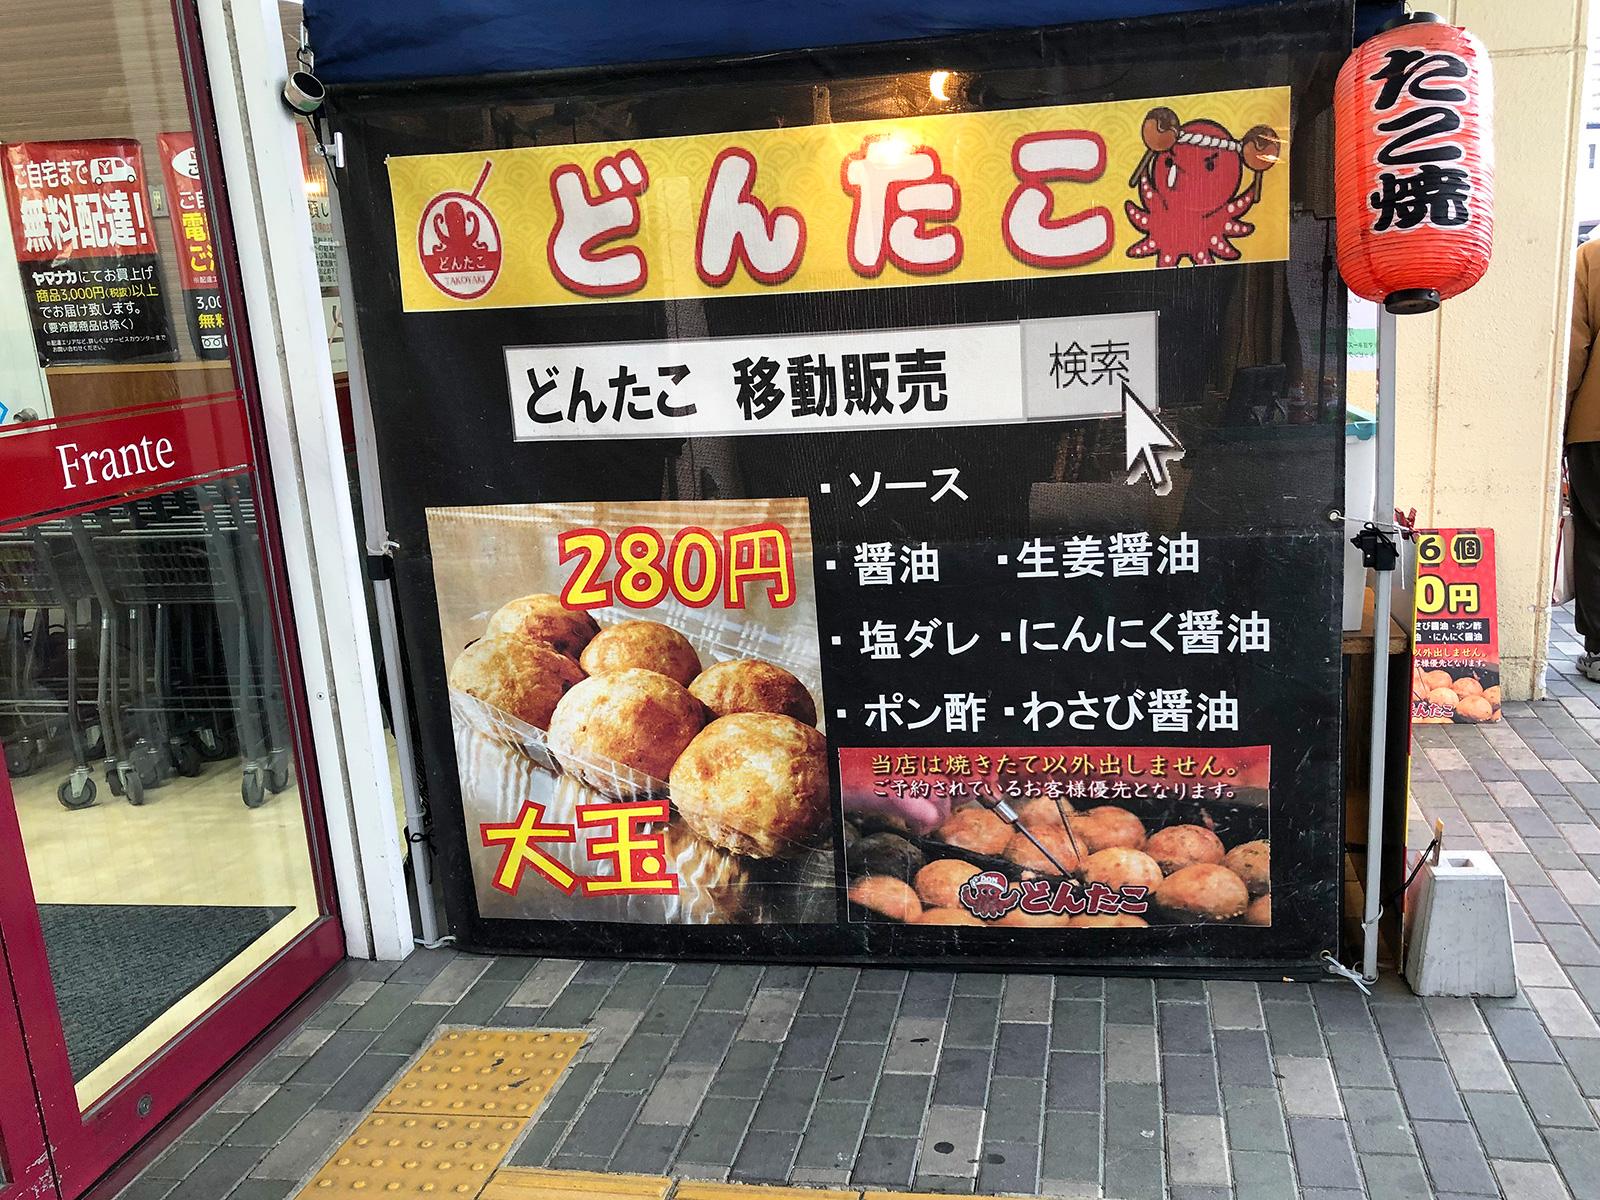 「どんたこ」のにんにく醤油たこ焼き @清須市